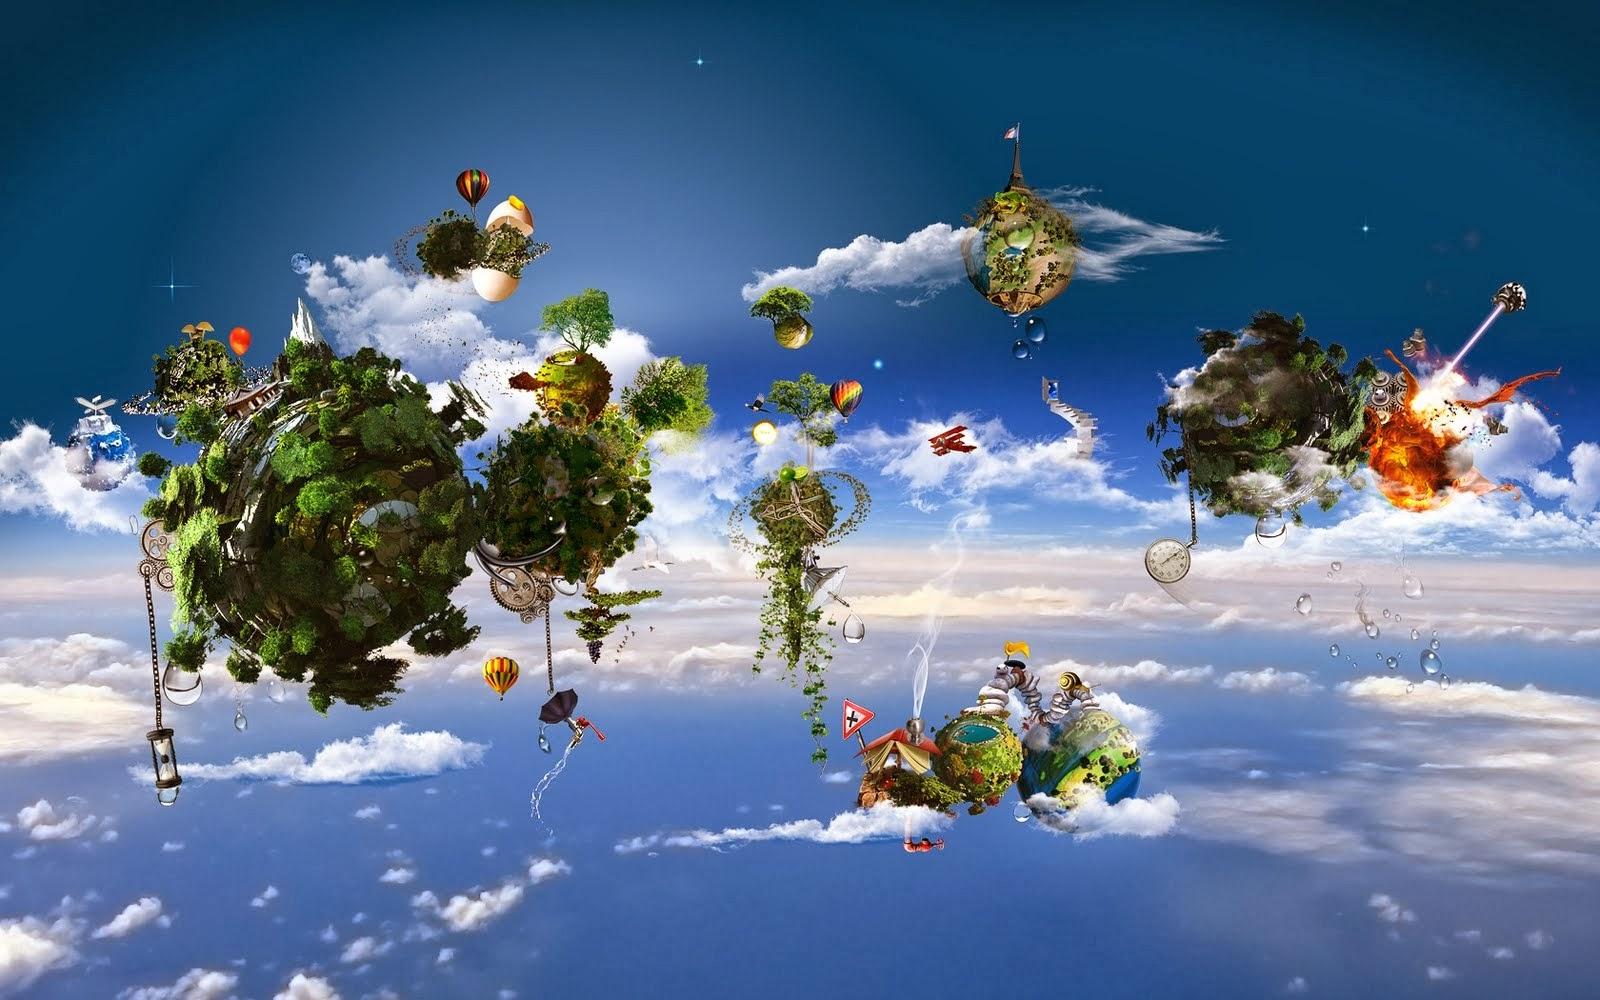 Gökyüzü ... Sözün anlamı